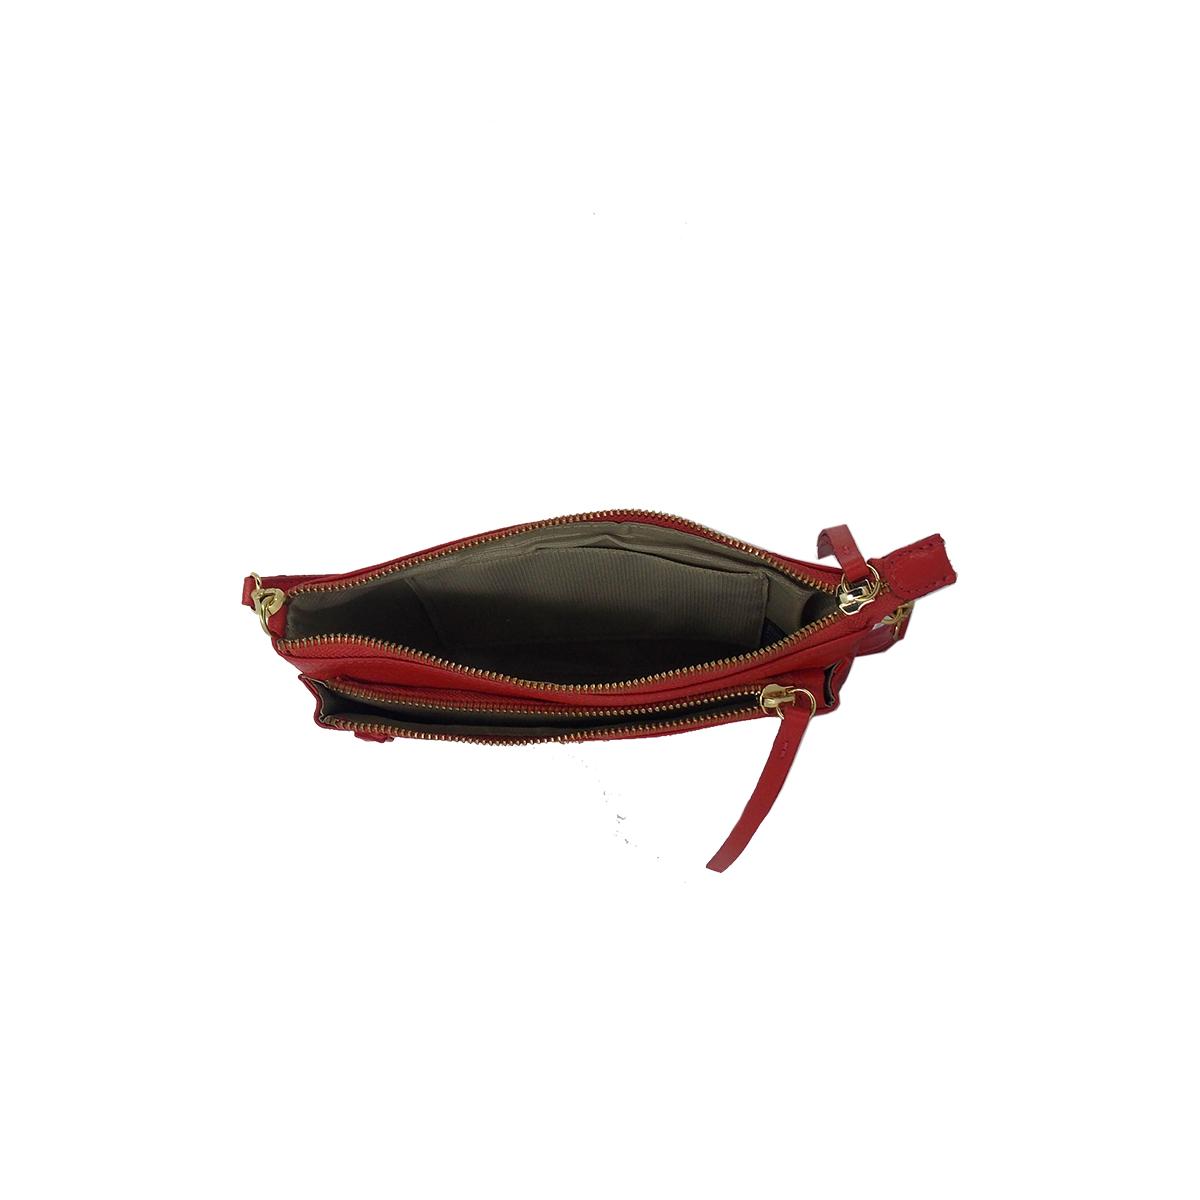 Bolsa Transversal em Couro Legitimo com dois bolsos Vermelha - Colatto